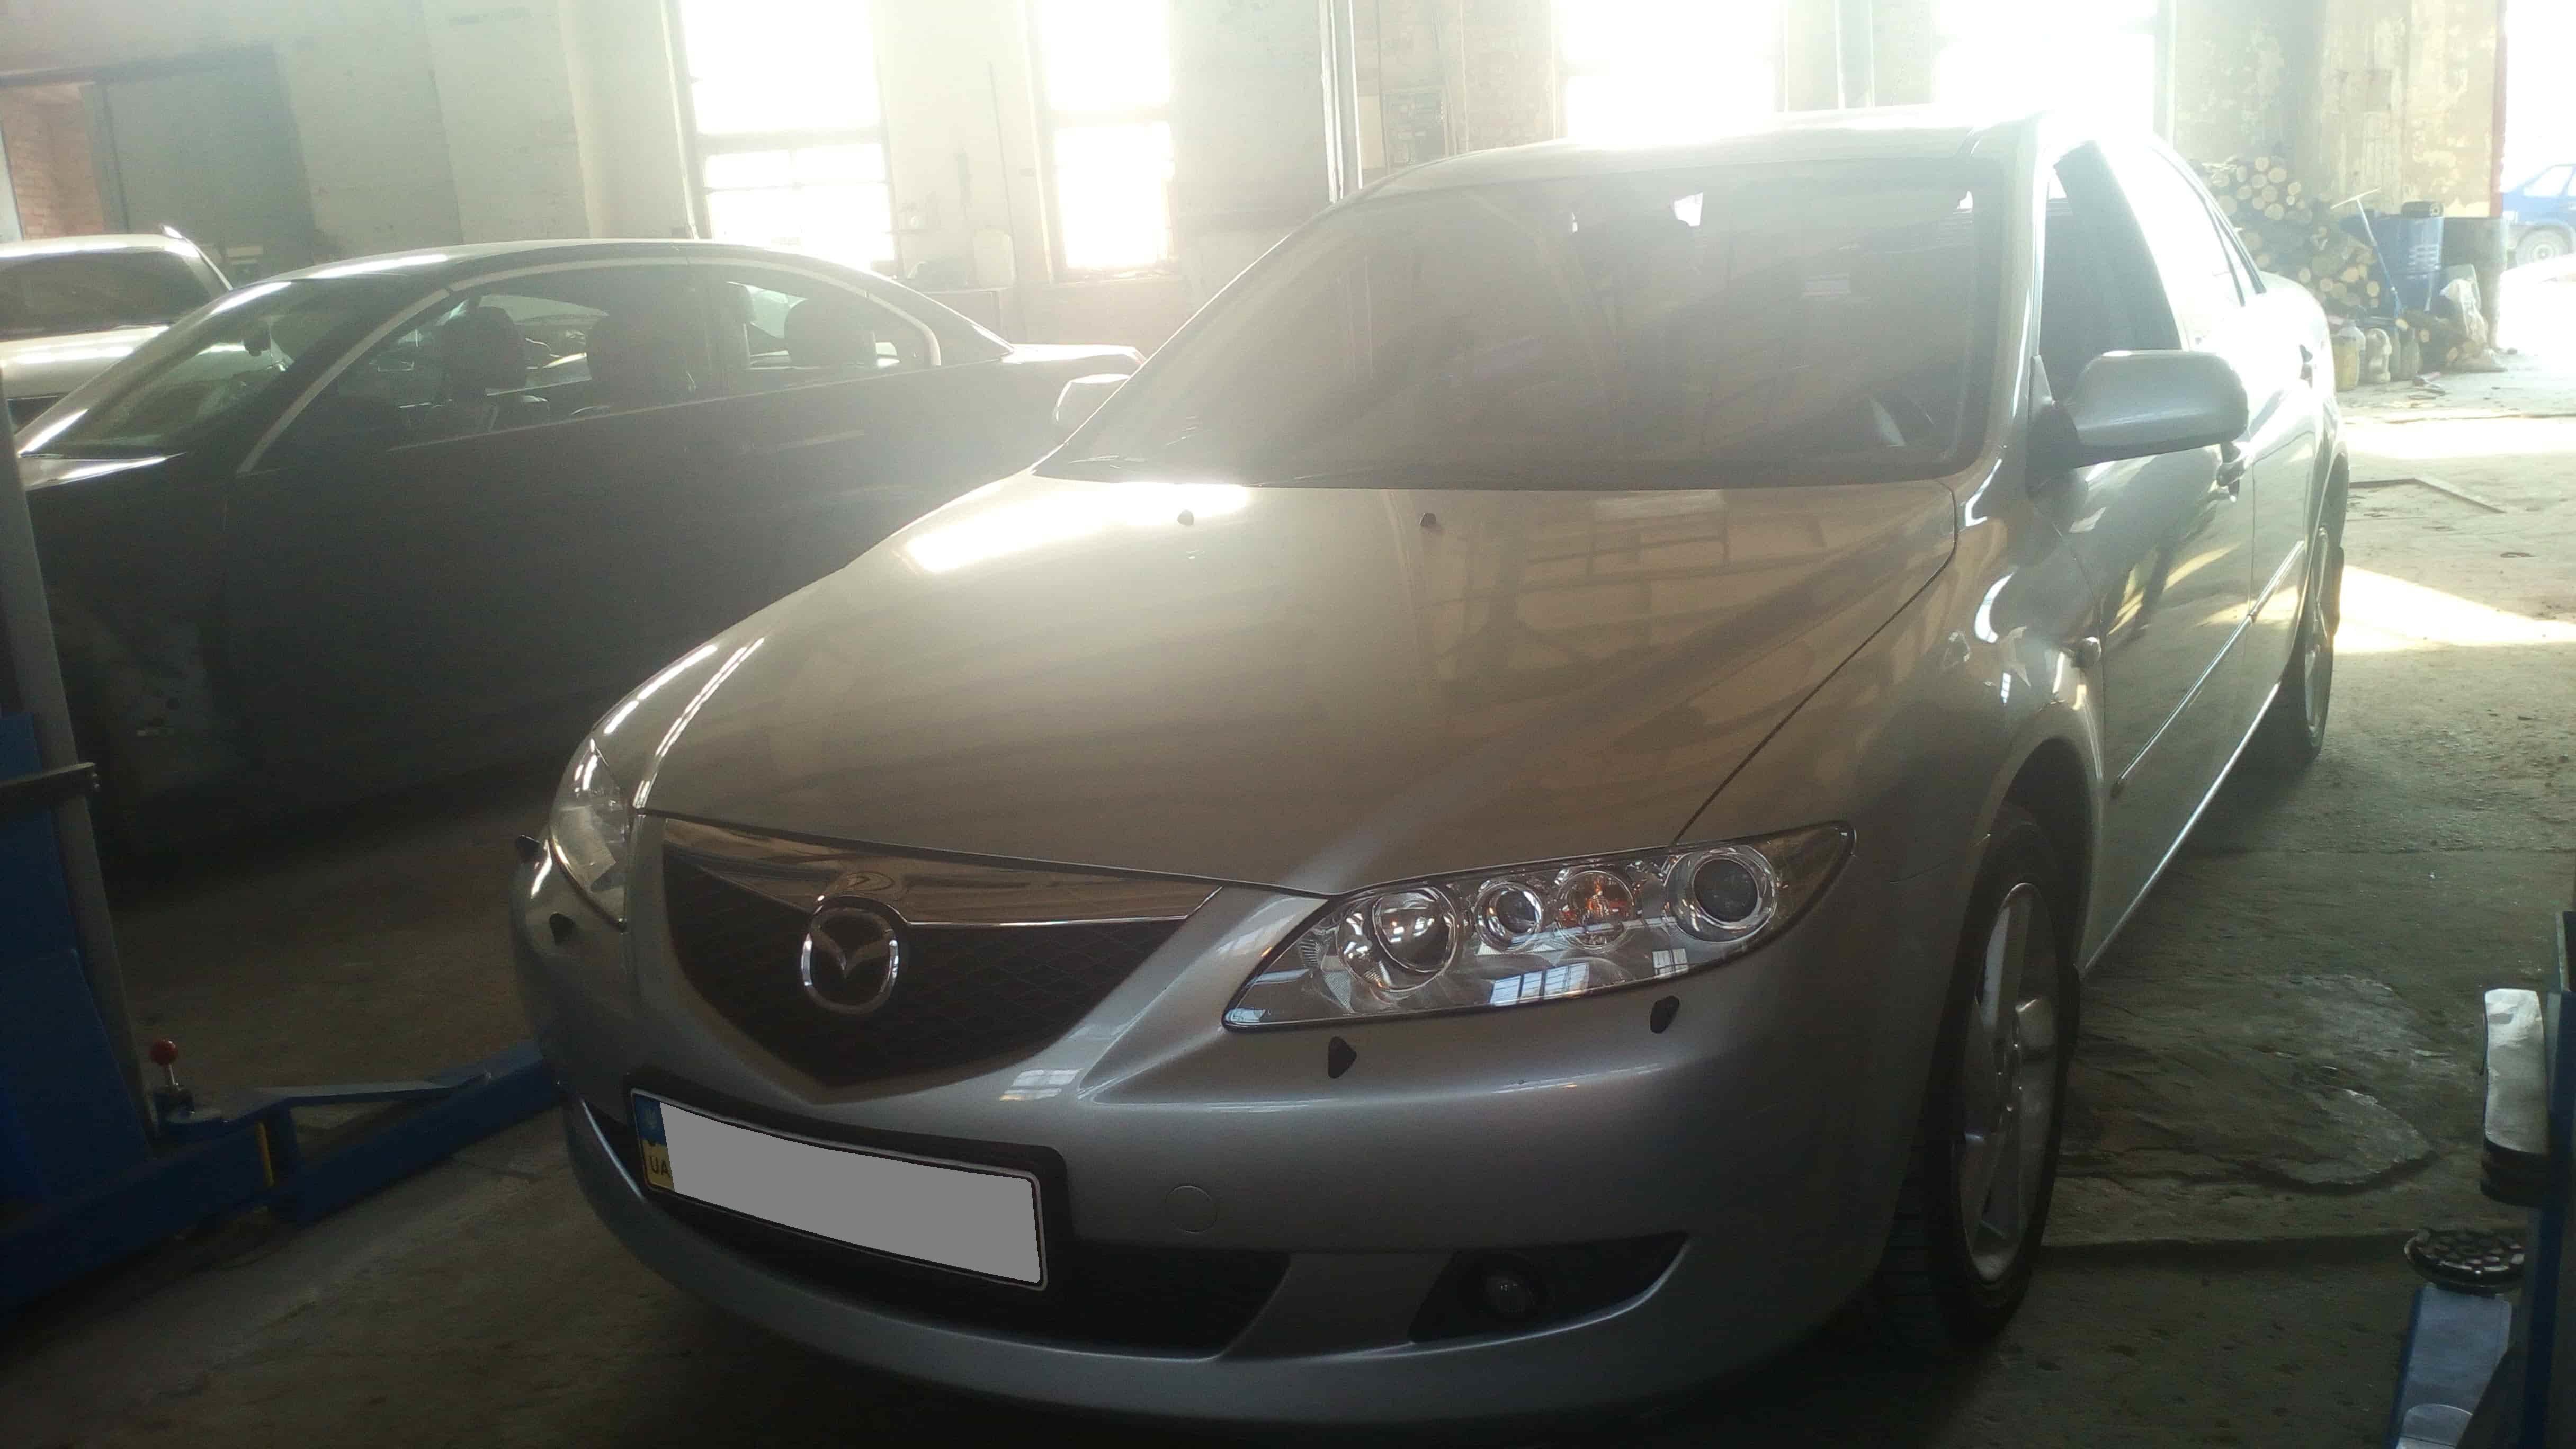 Ошибка п0120 Mazda6